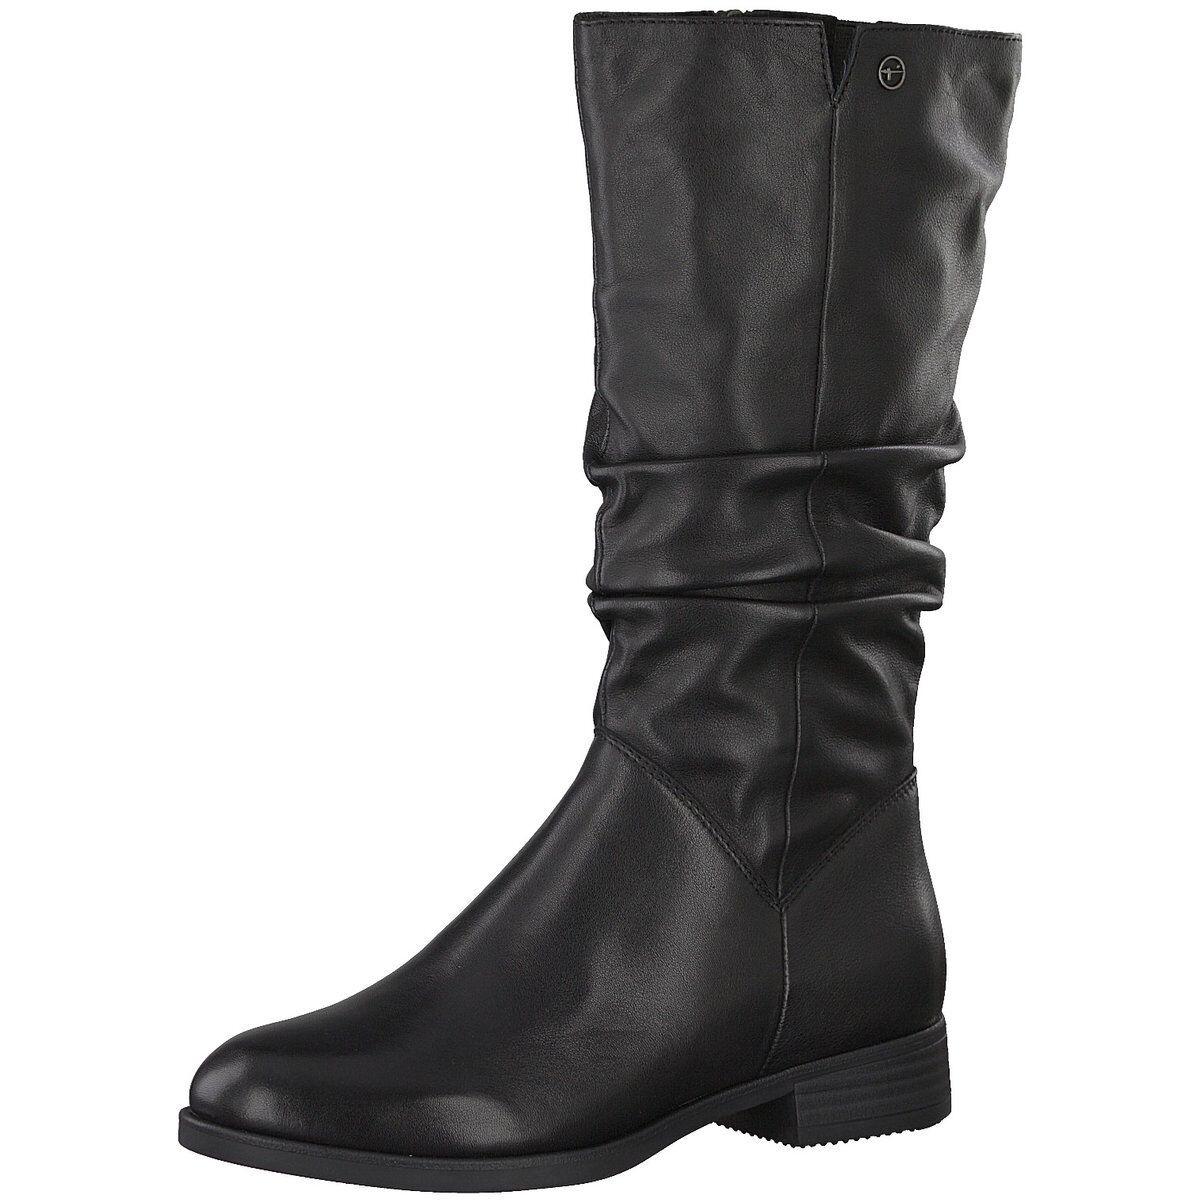 Tamaris Damen Stiefel Woms Stiefel 1-1-25345-21 001 schwarz 523012